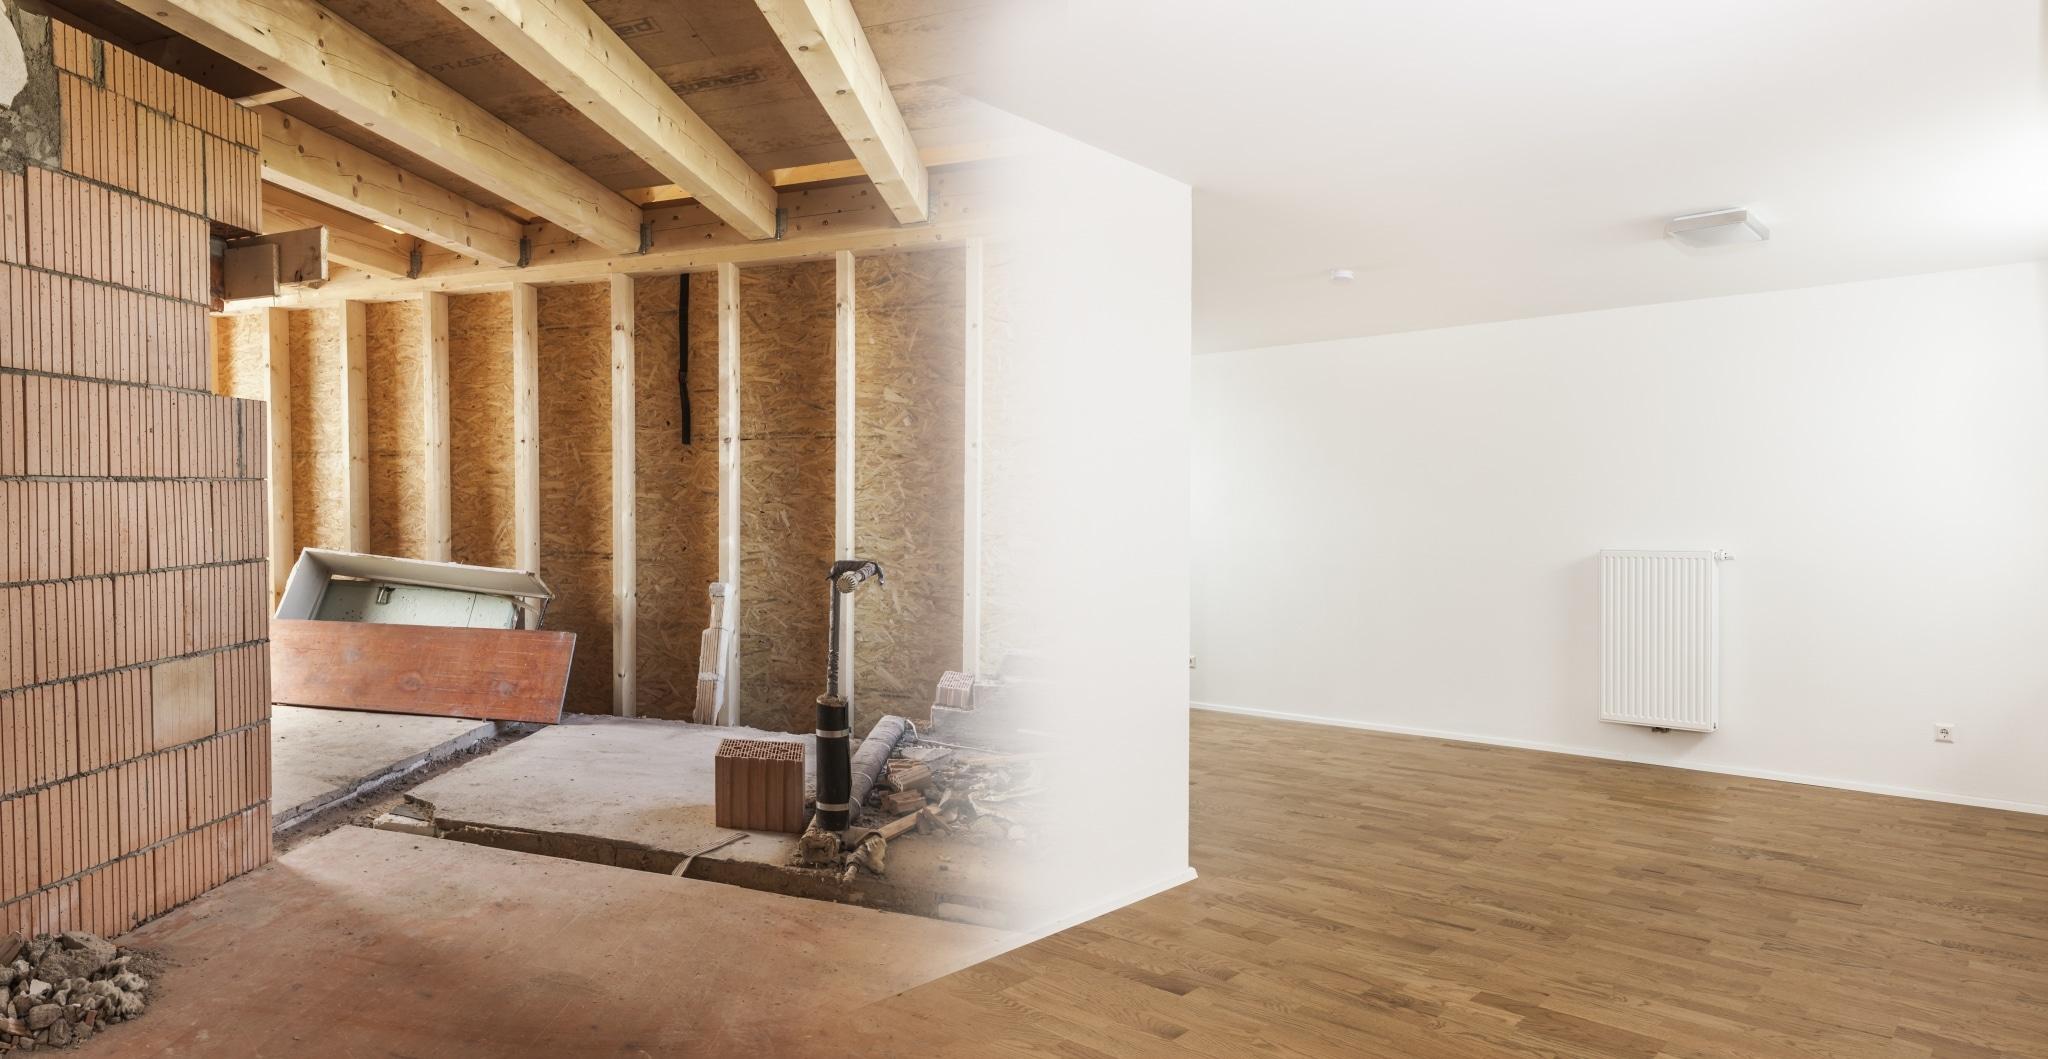 Ein Kompositfoto das einen Raum im Rohbau und im fertigen Zustand nach Installationen und Verputz zeigt